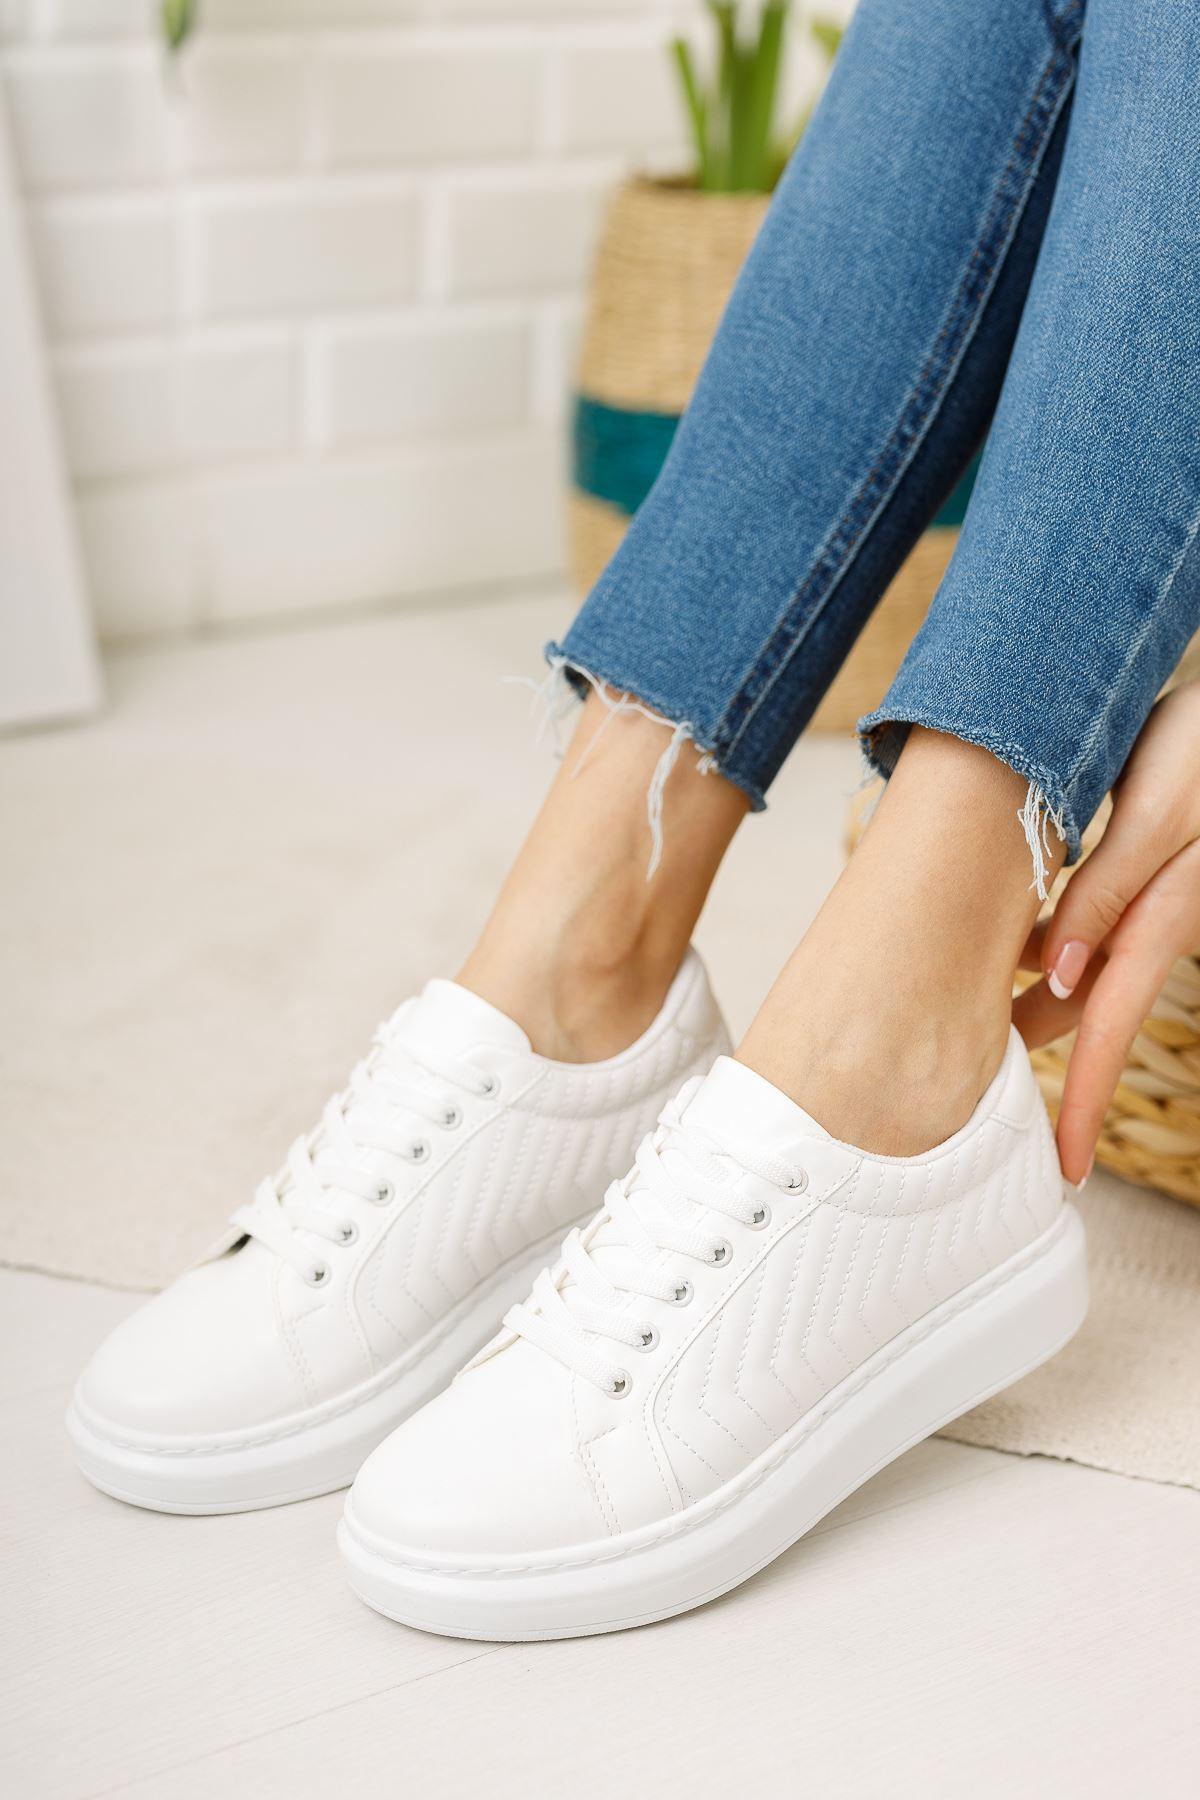 Beyaz Kapitoneli Günlük Spor Ayakkabı